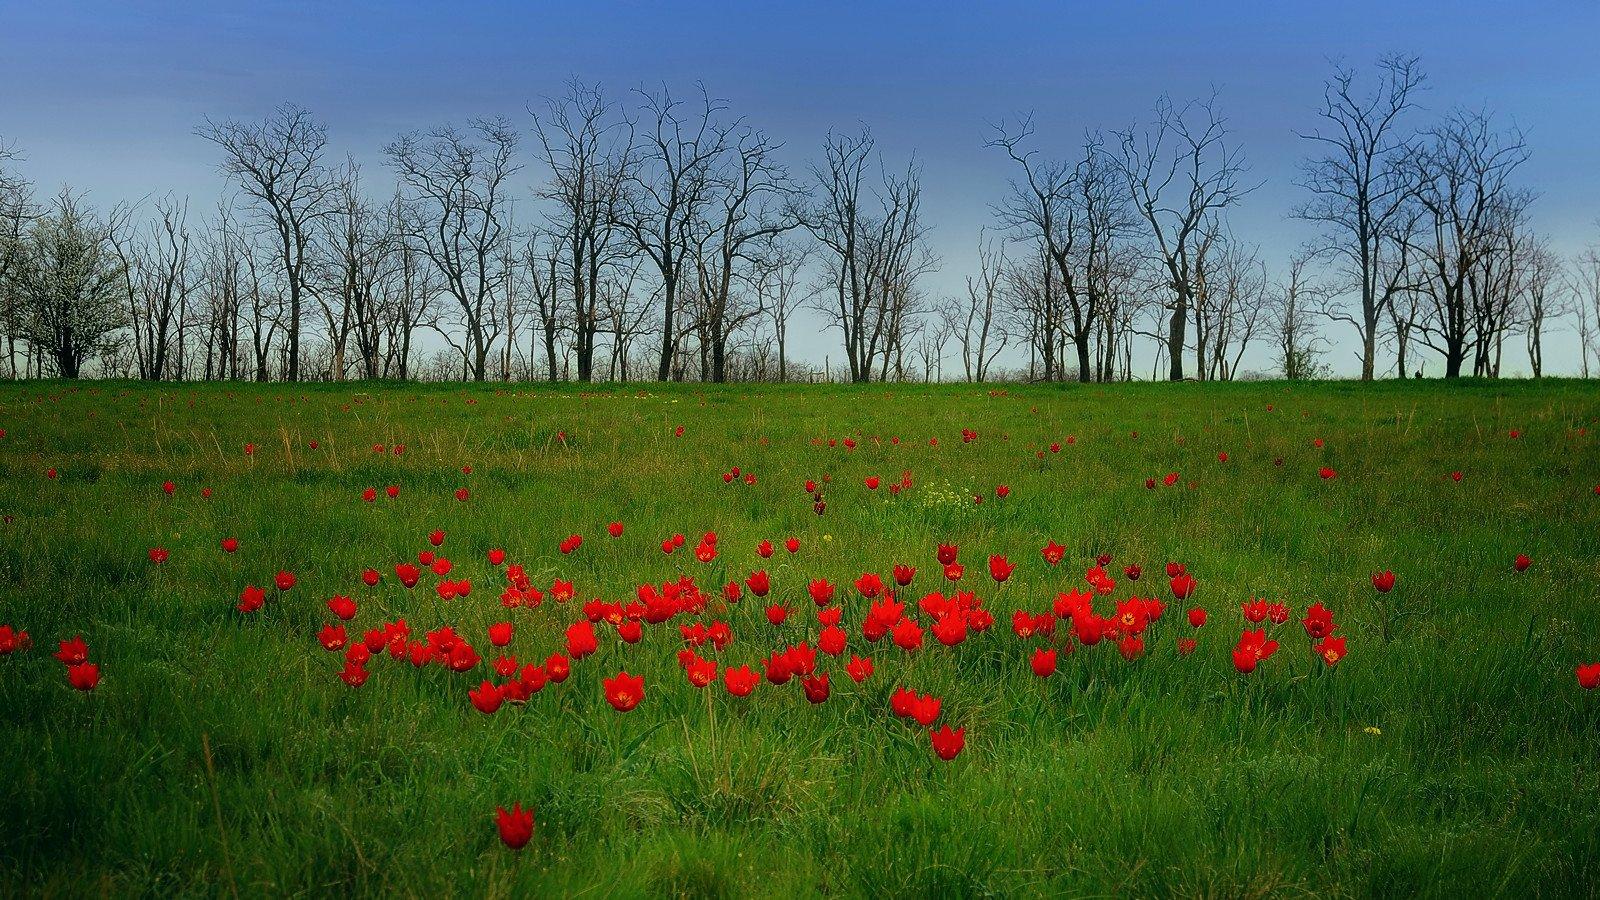 степь, весна, природа, тльпаны, пейзаж, Serj Master